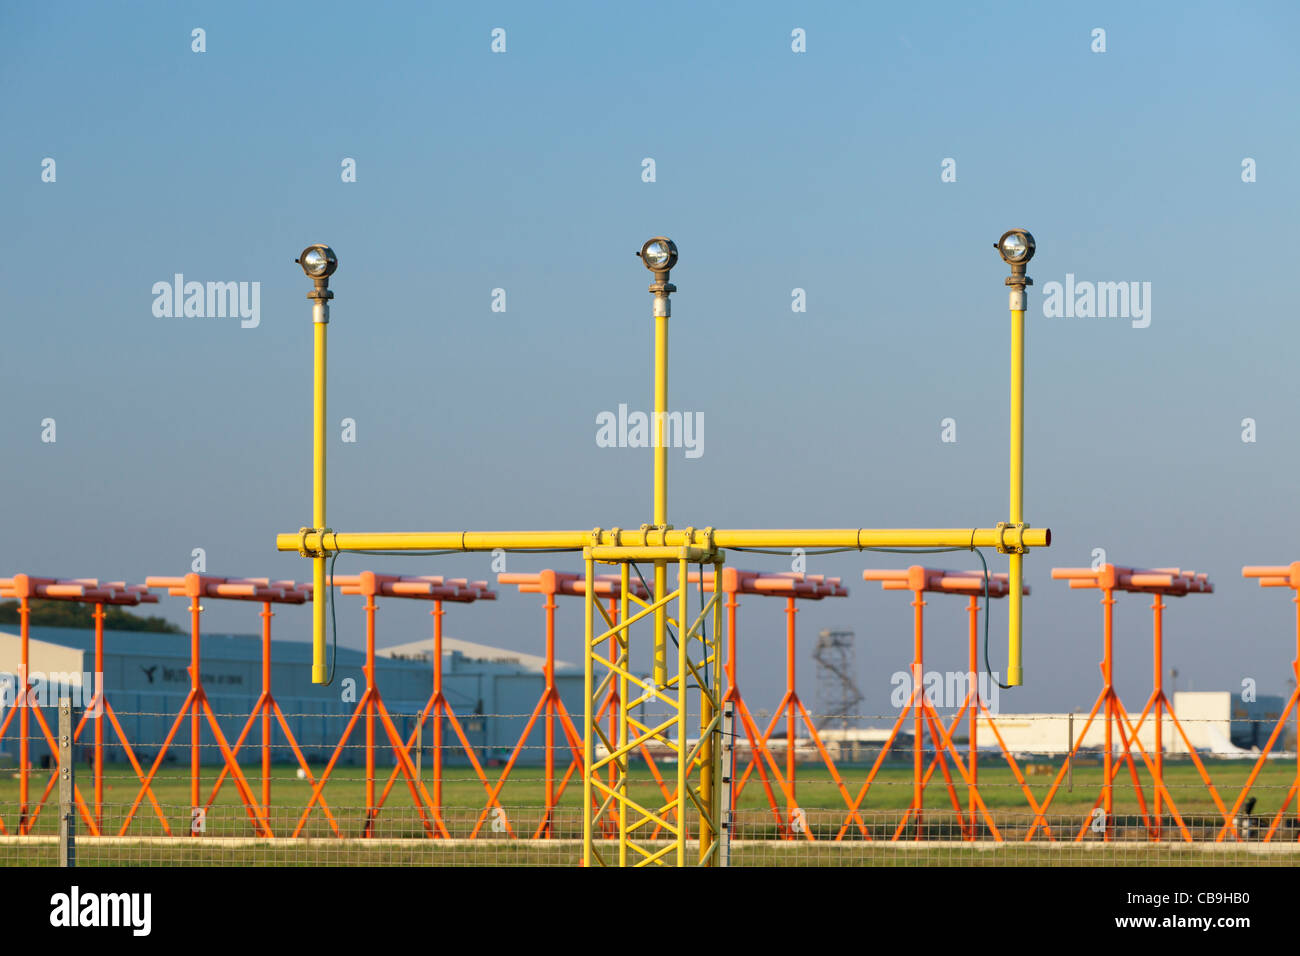 Pista di luci di avvicinamento ad un aeroporto del Regno Unito Immagini Stock